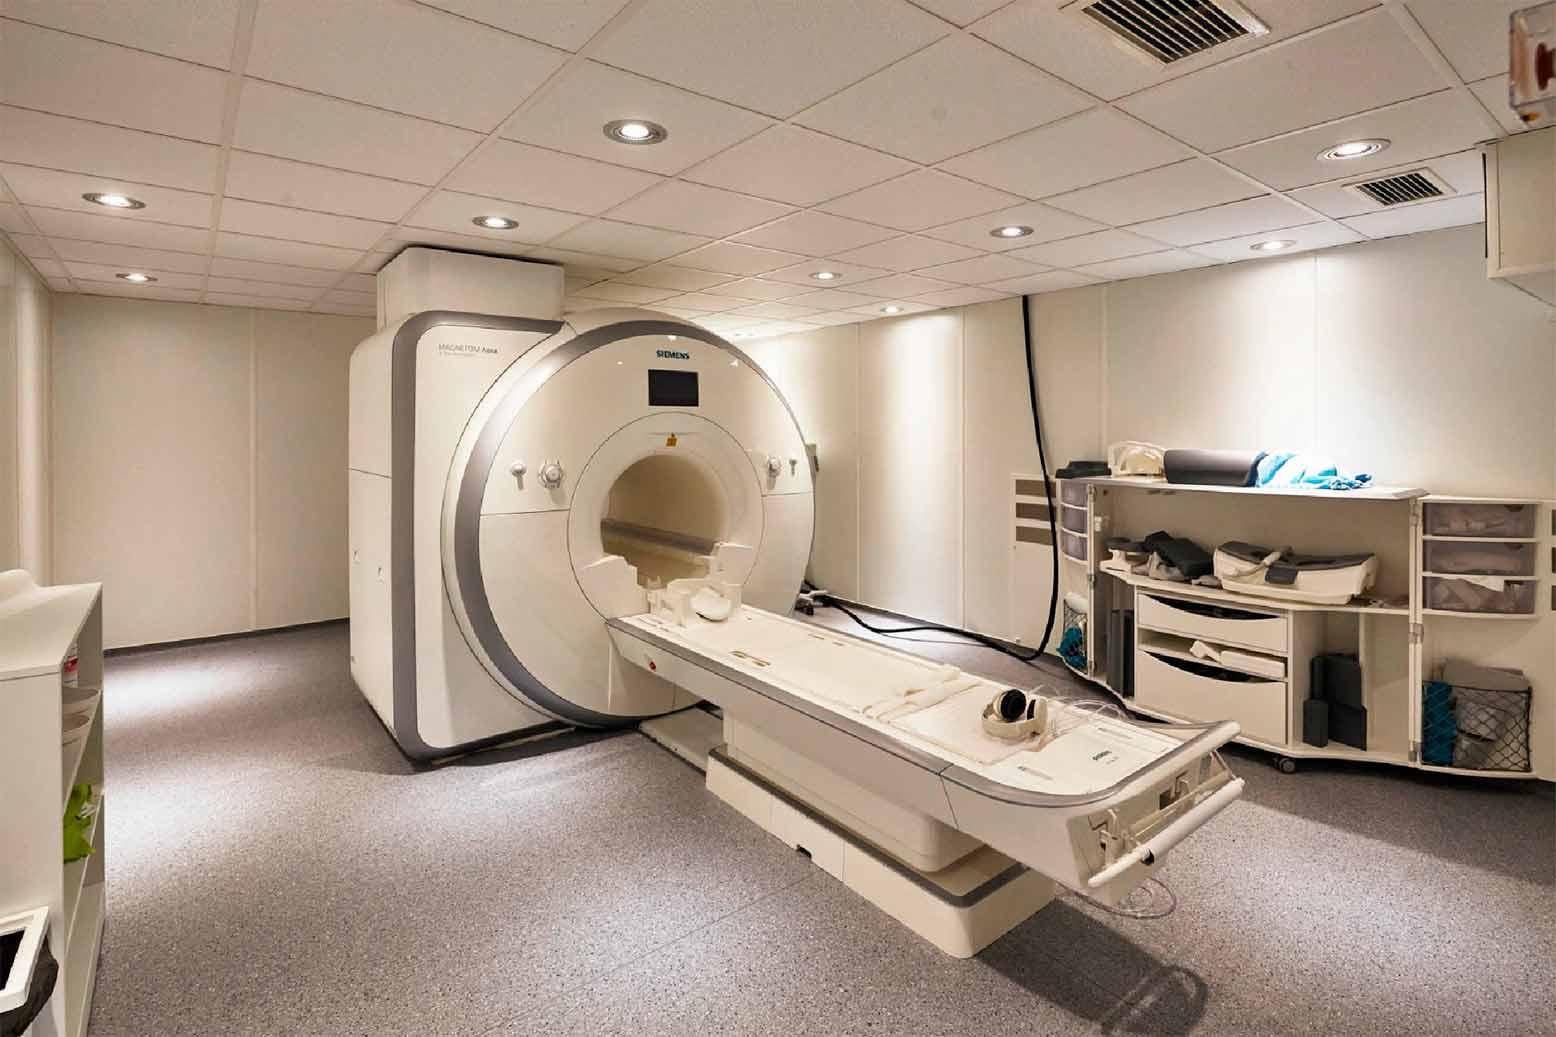 piso para laboratorios y clínicas